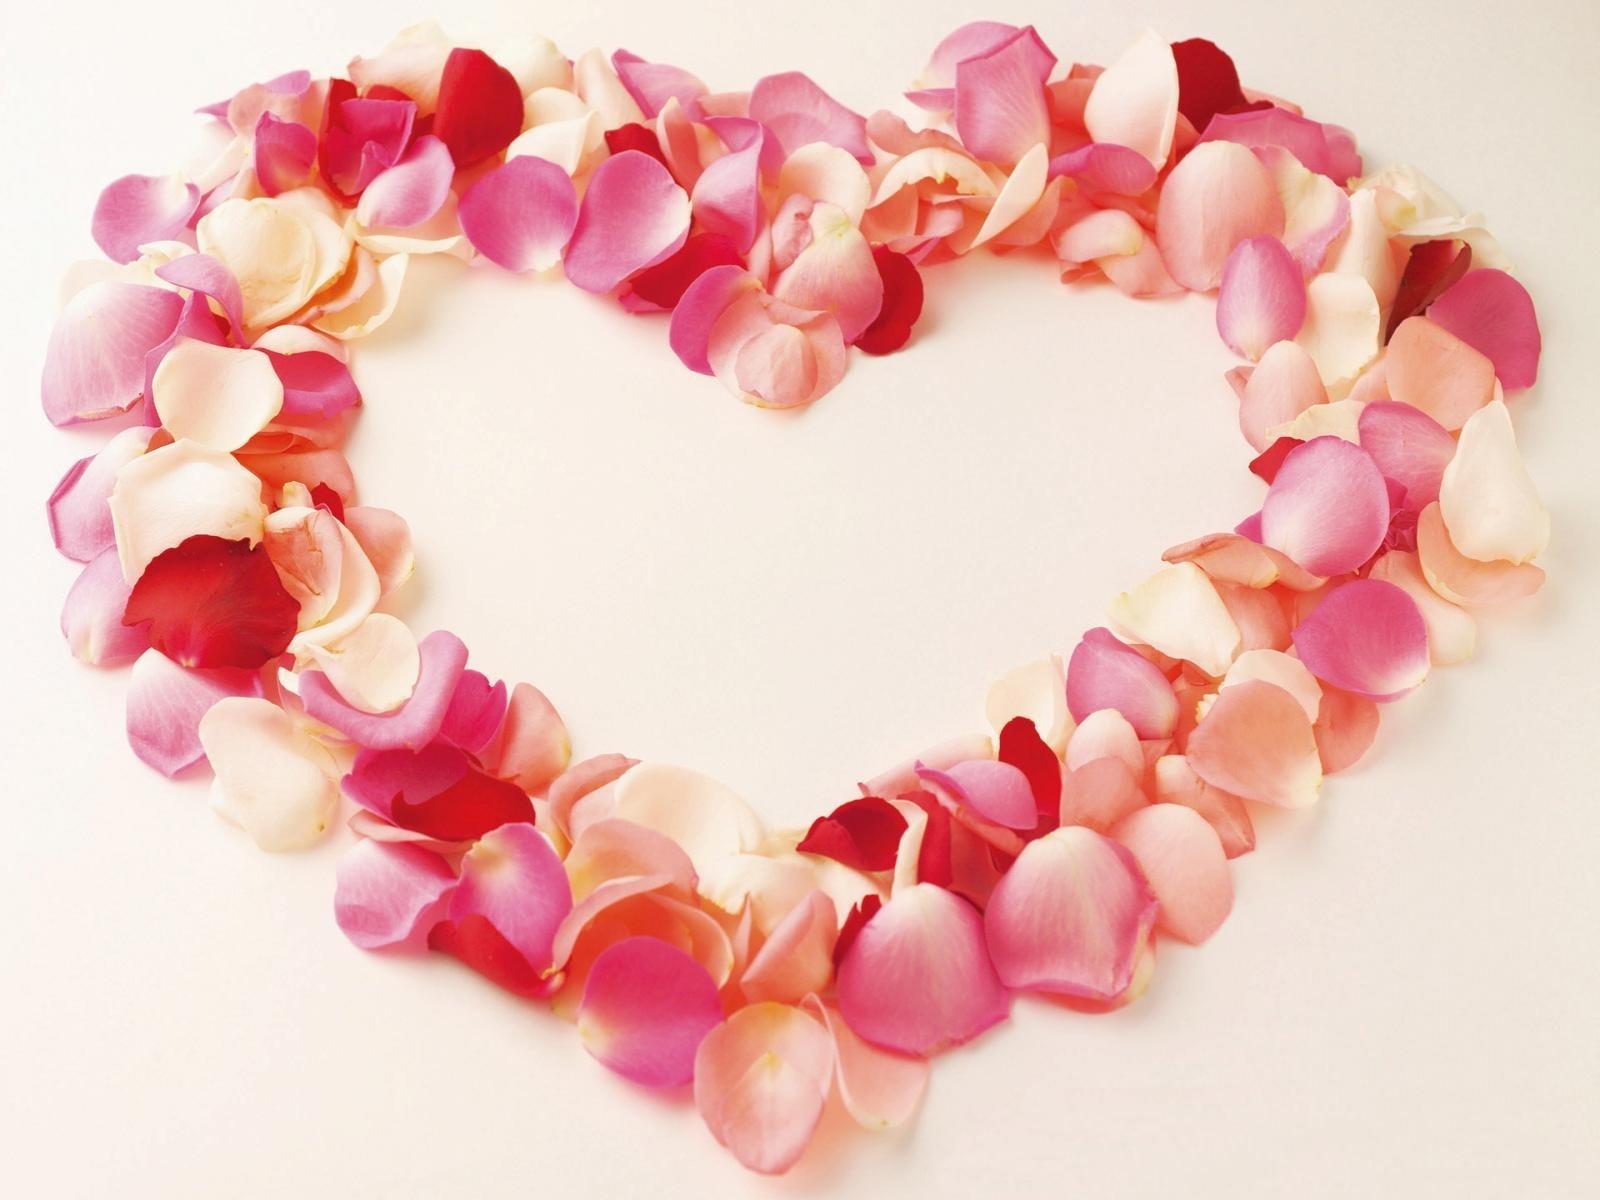 http://3.bp.blogspot.com/-INOZyuw8IV8/TlWcbbL-WHI/AAAAAAAAA-k/SArbpDrijeI/s1600/love-wallpaper-40.JPG